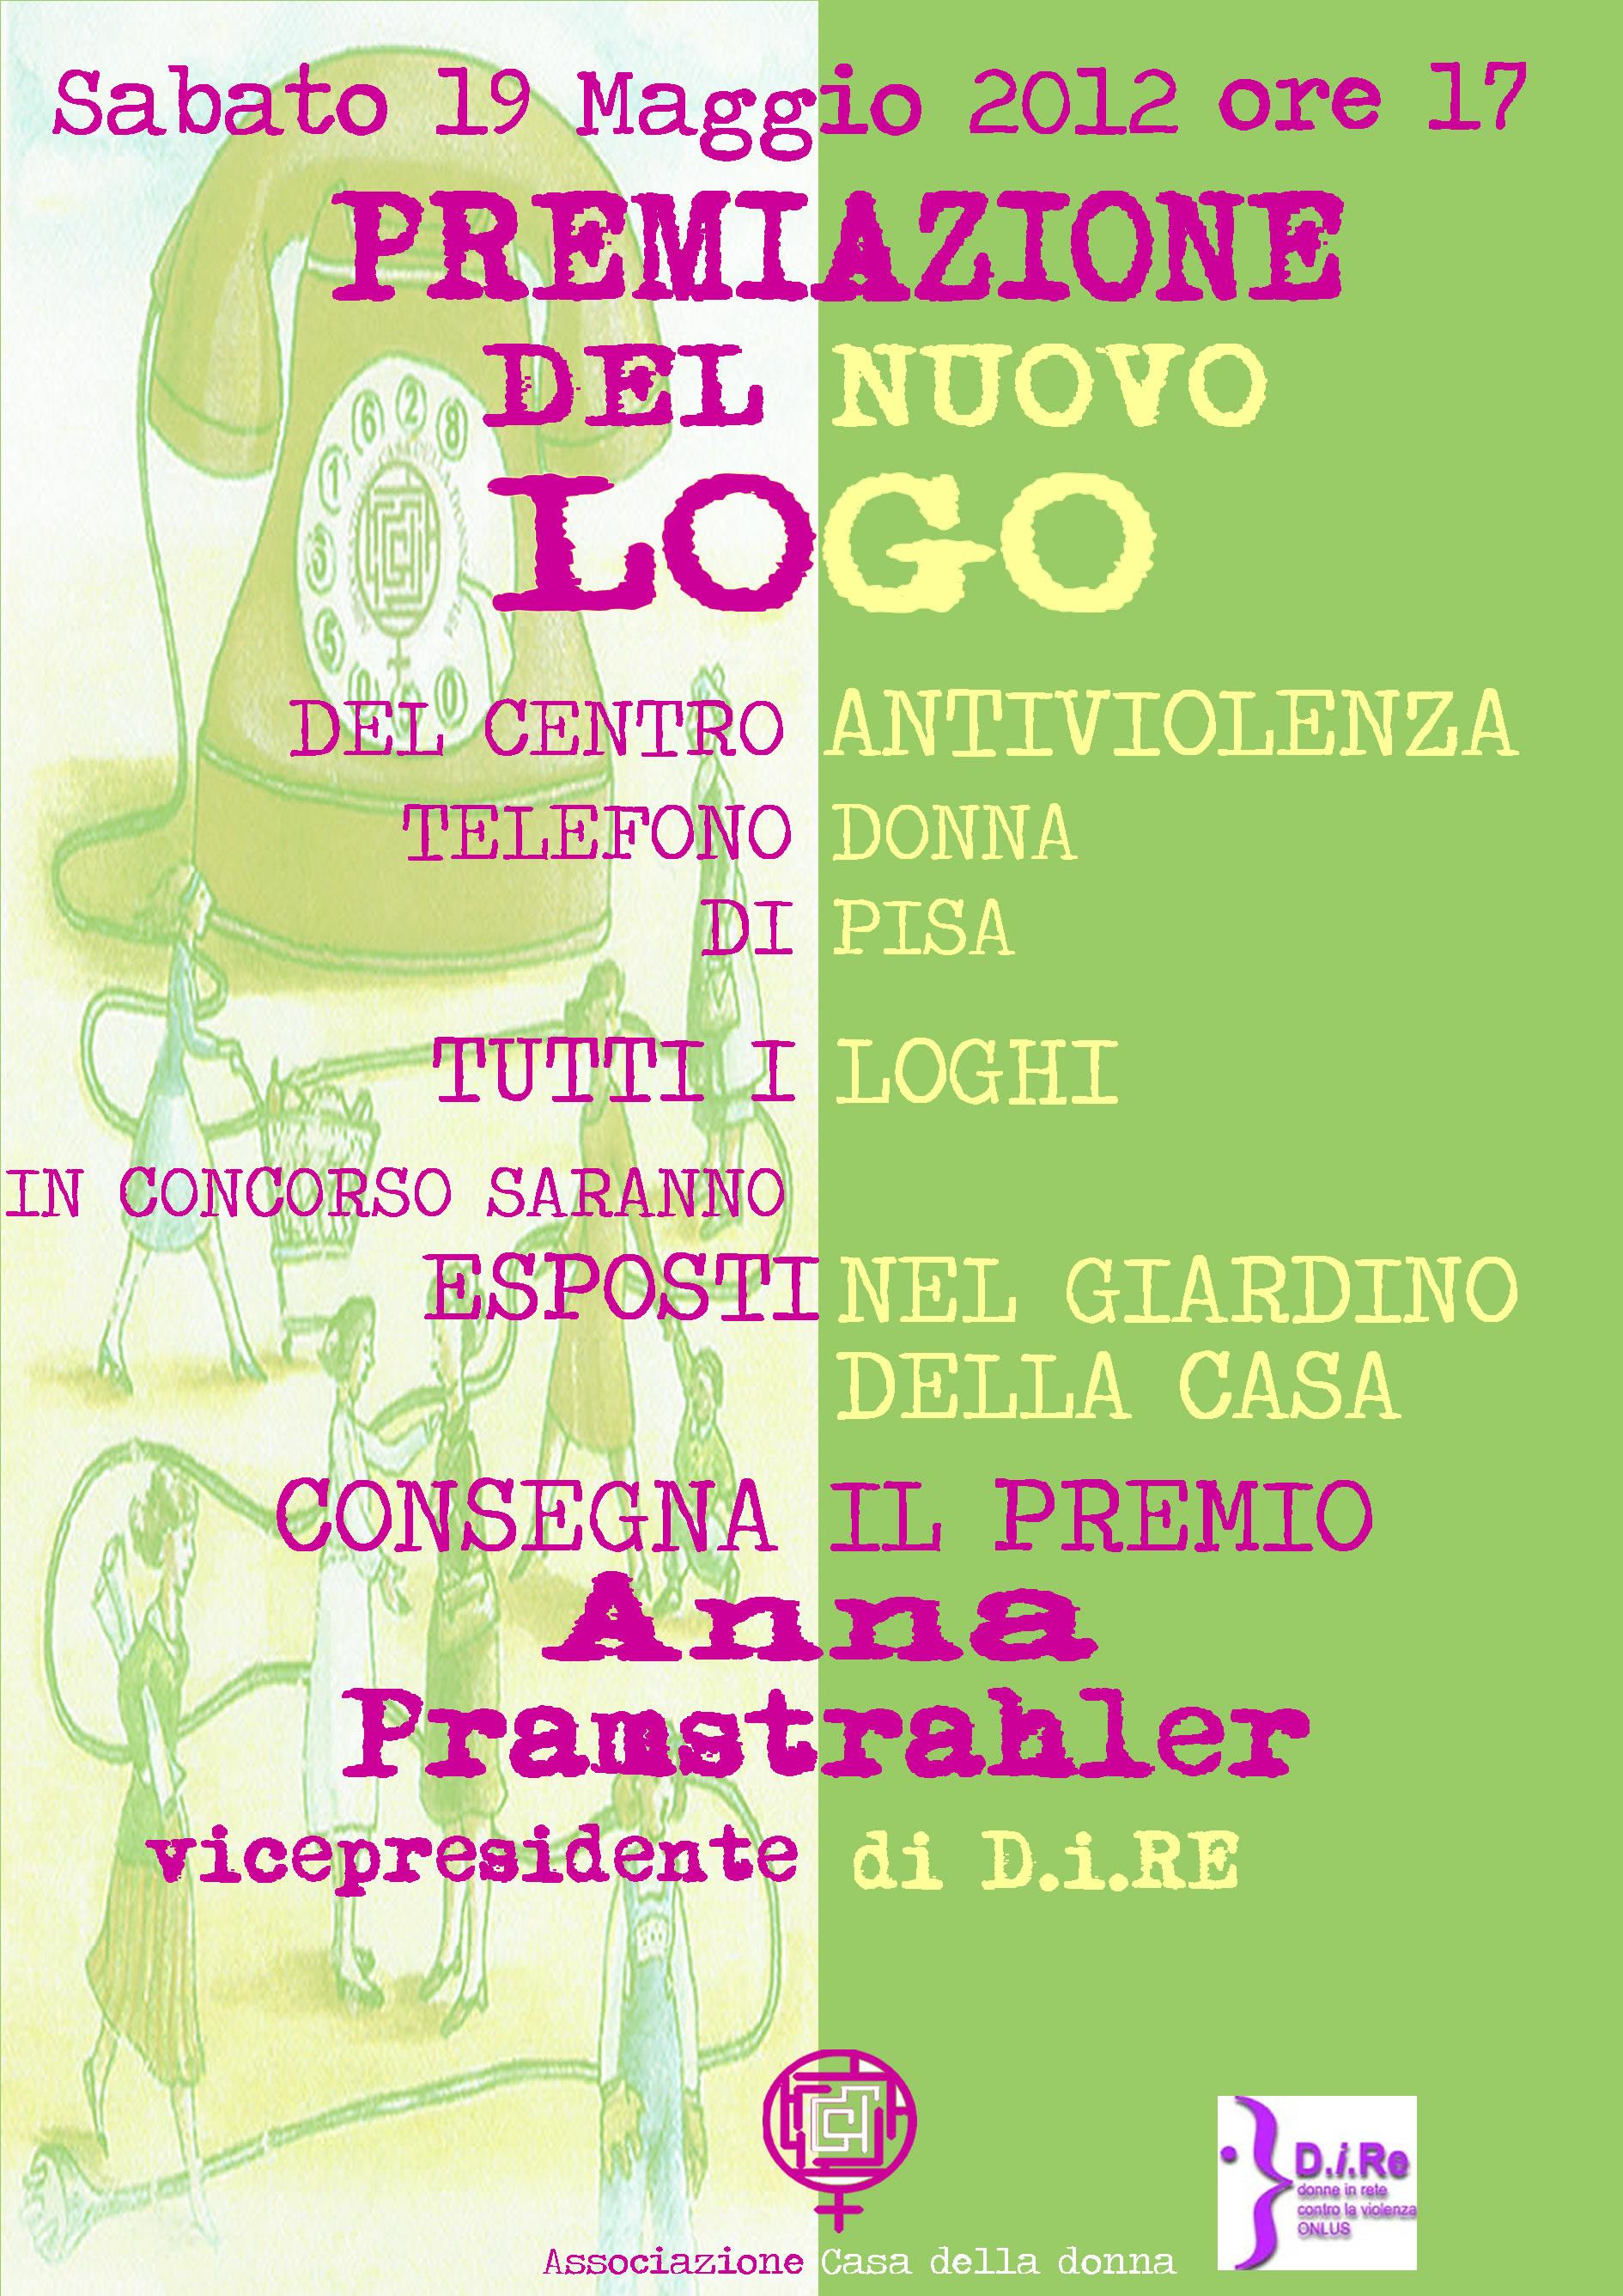 19/05/2012, Pisa, Casa delle donne